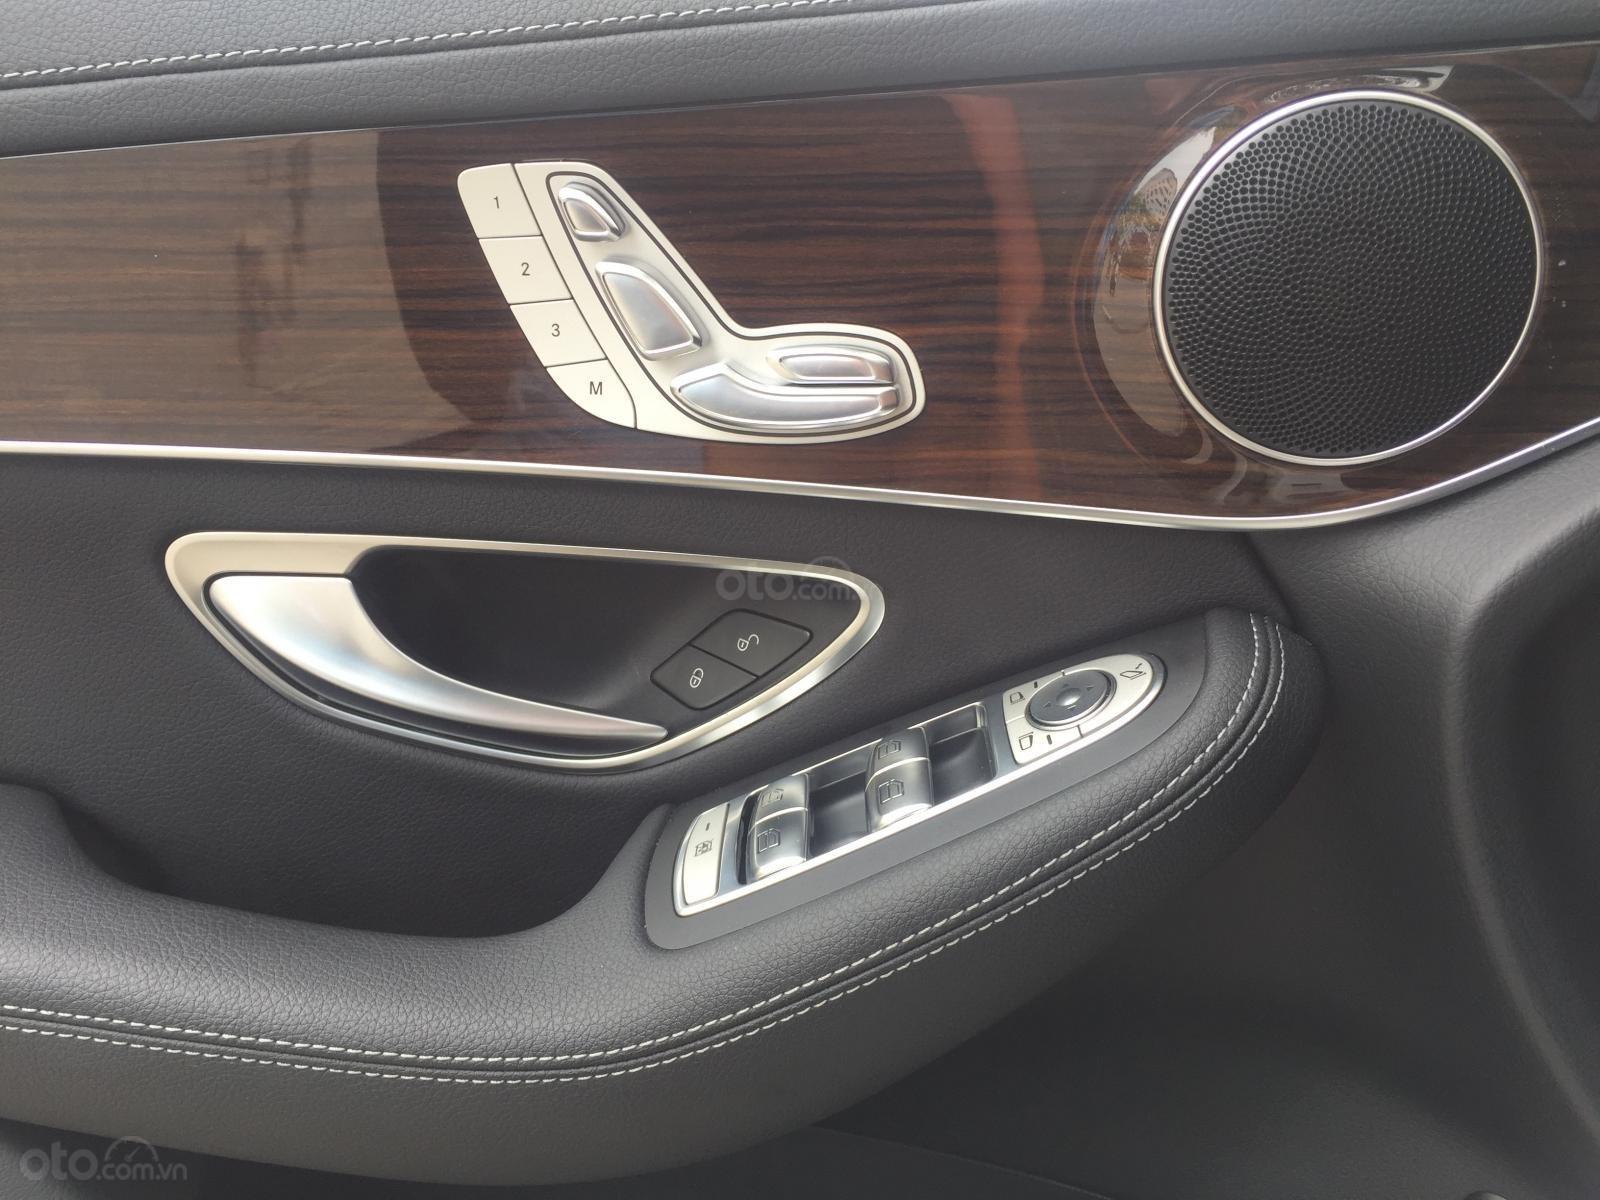 Bán ô tô Mercedes GLC 200 năm sản xuất 2018, màu trắng-11